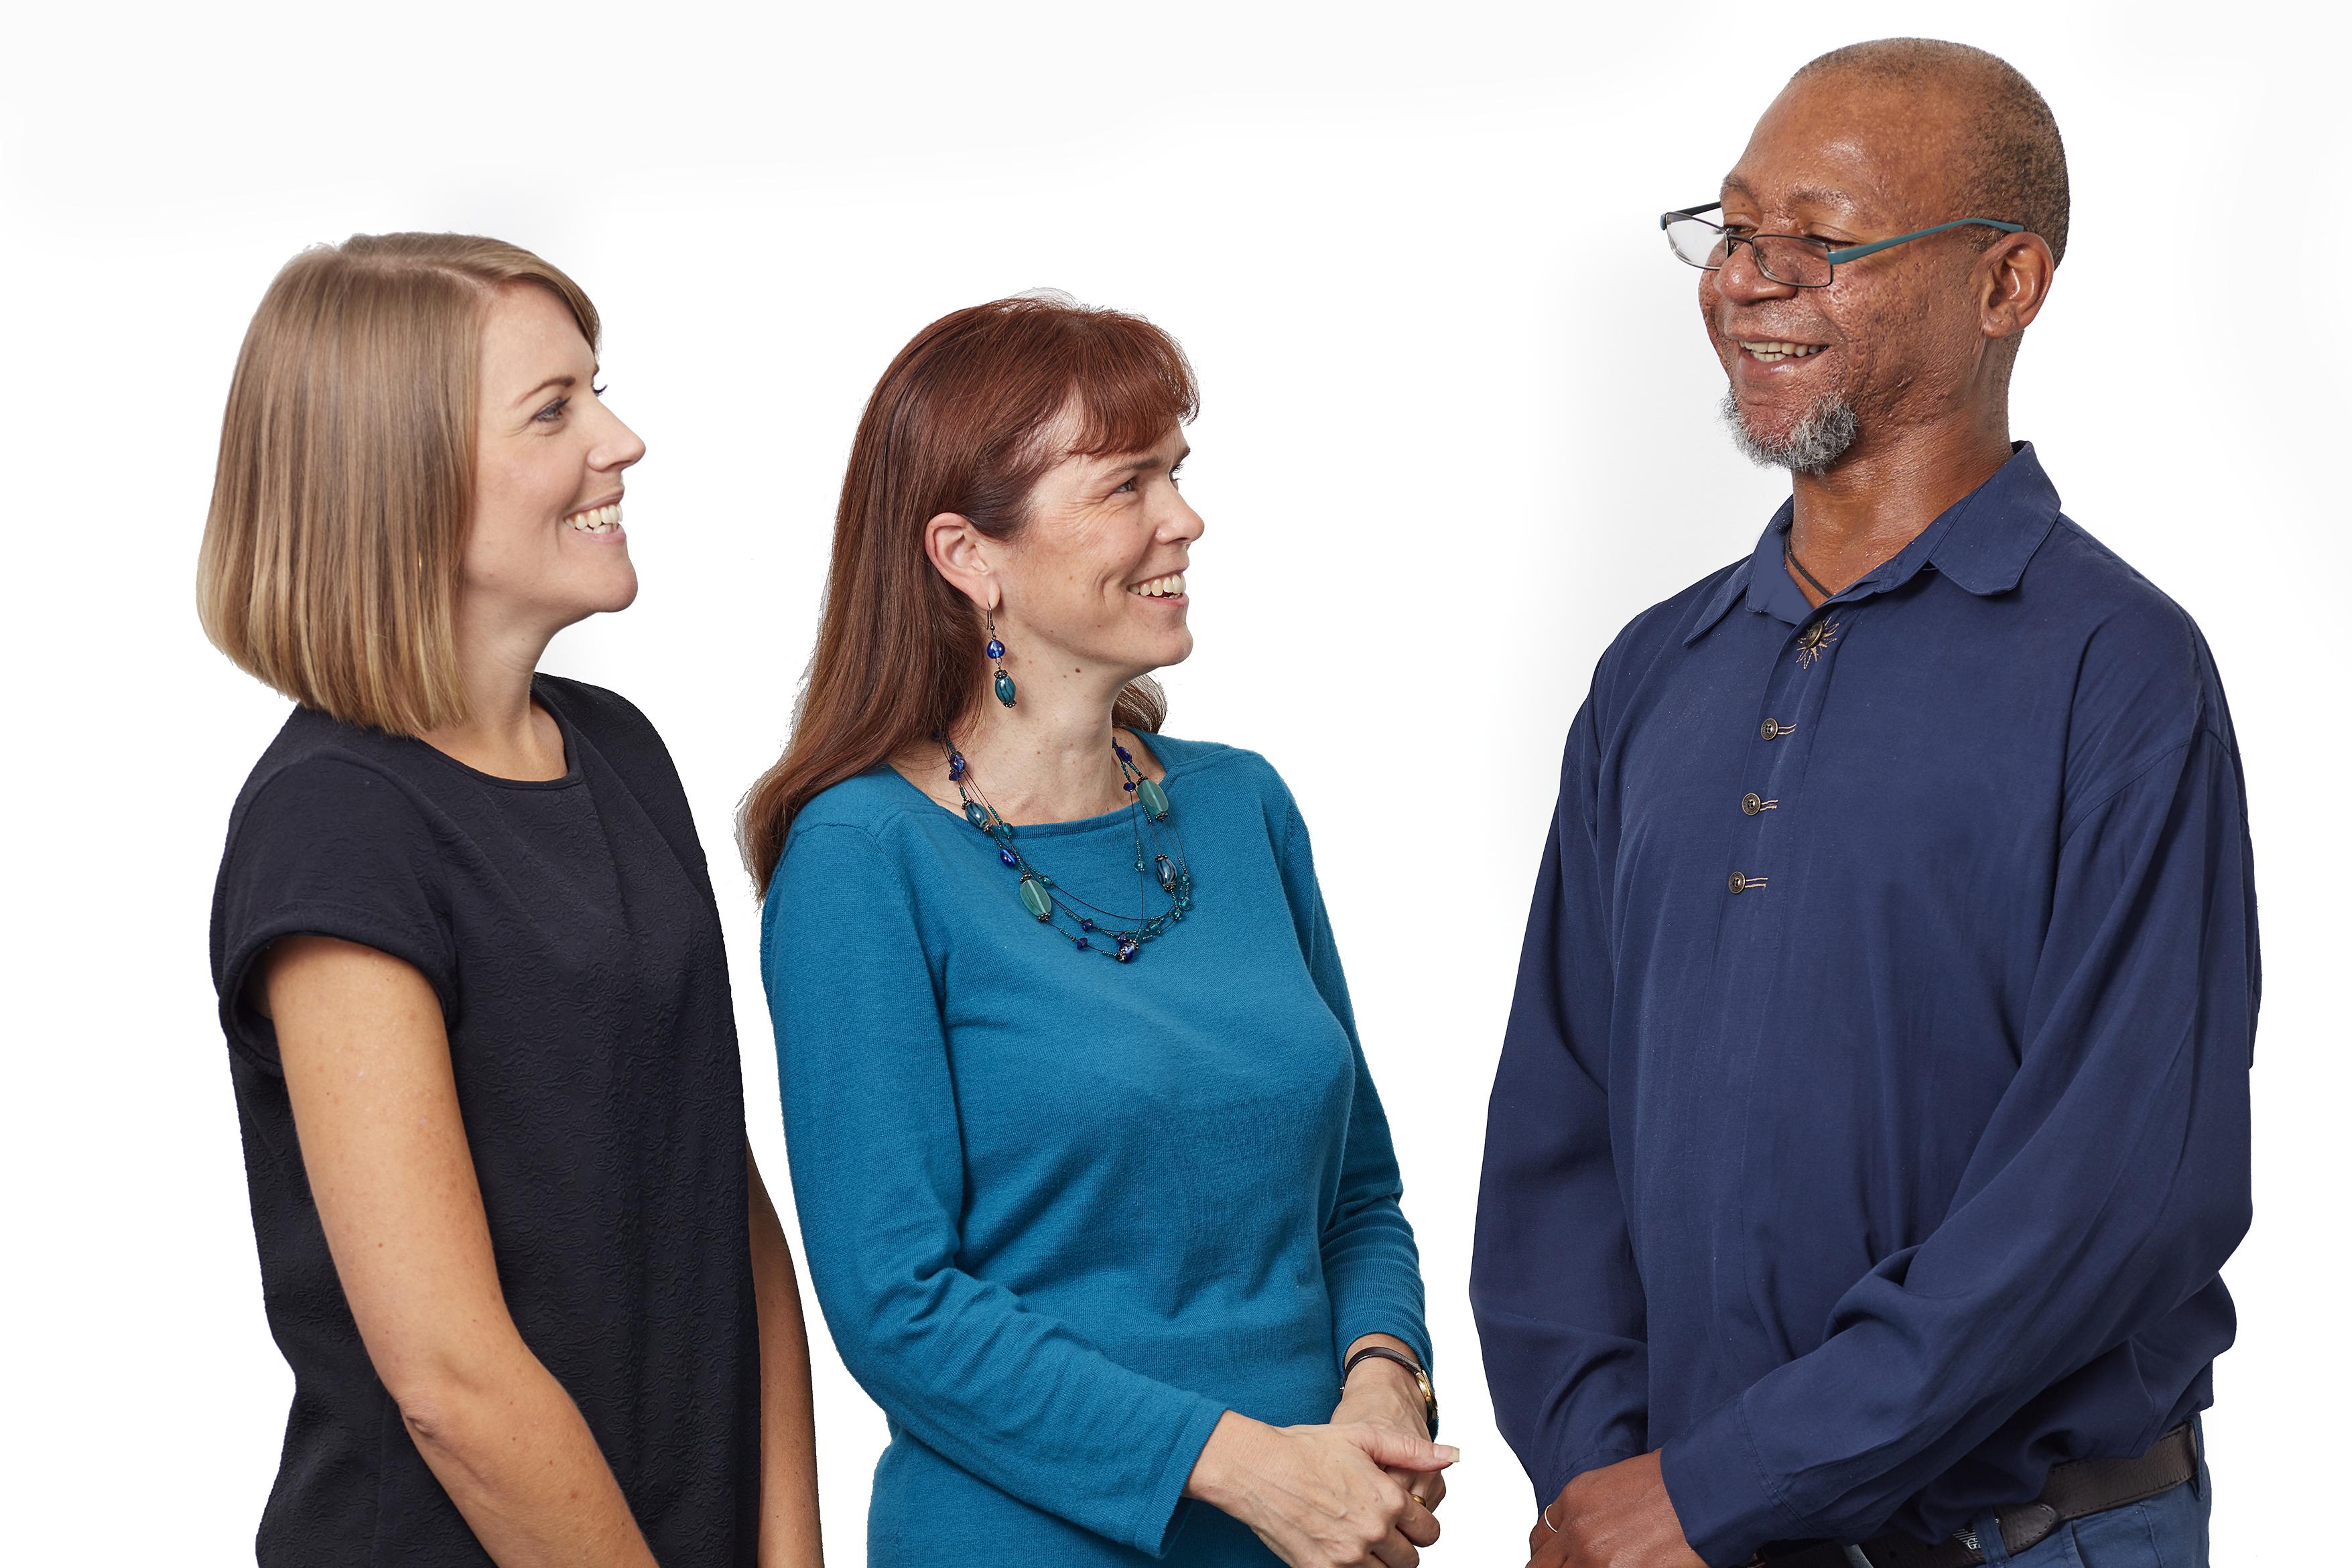 teacher people mentor facilitator